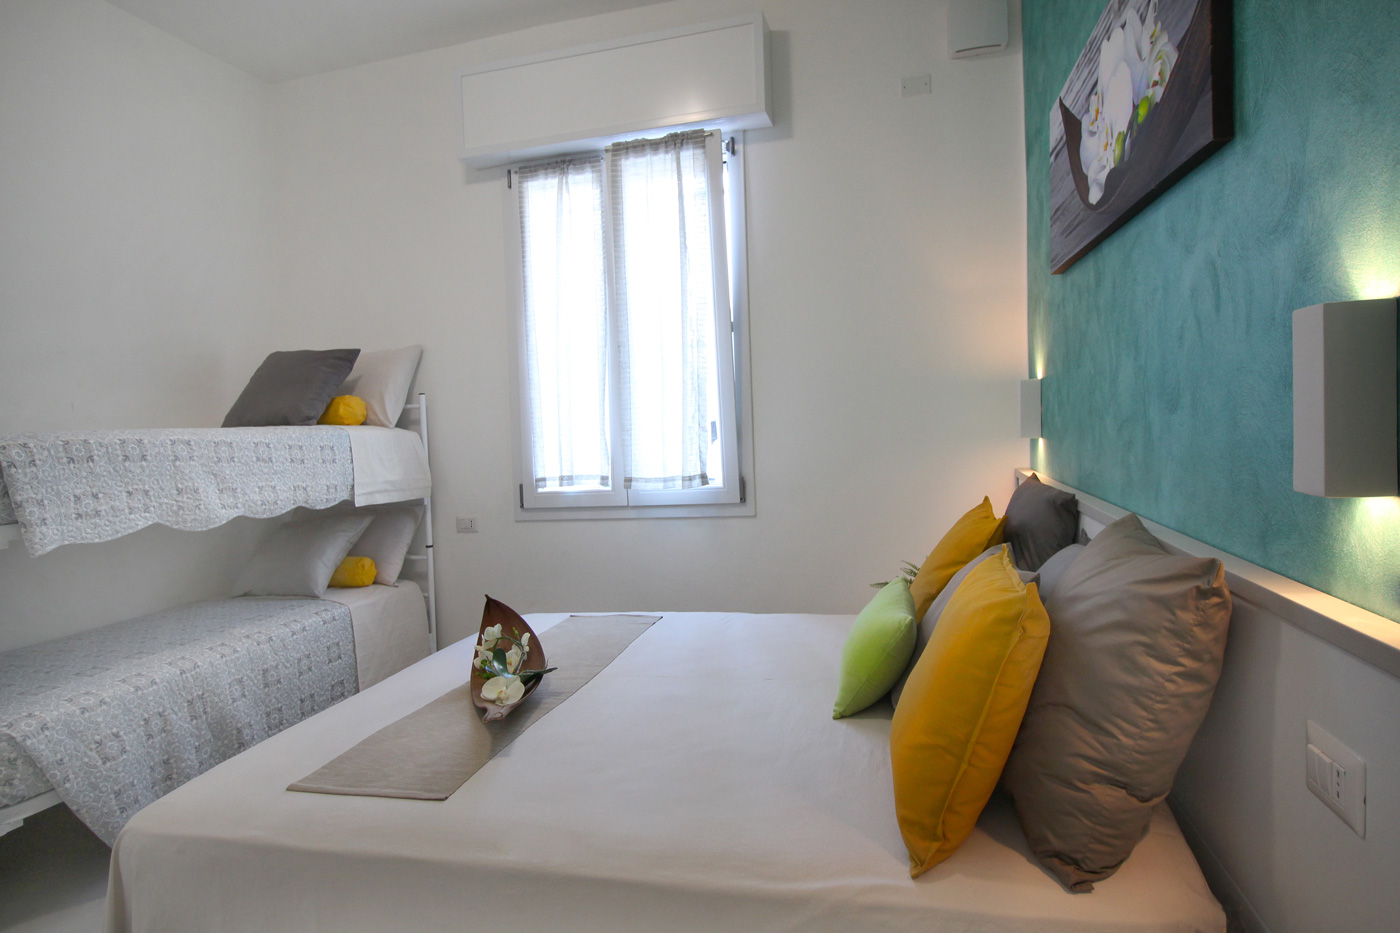 Appartamento samantha_Romagna case vacanze_IMG_7390